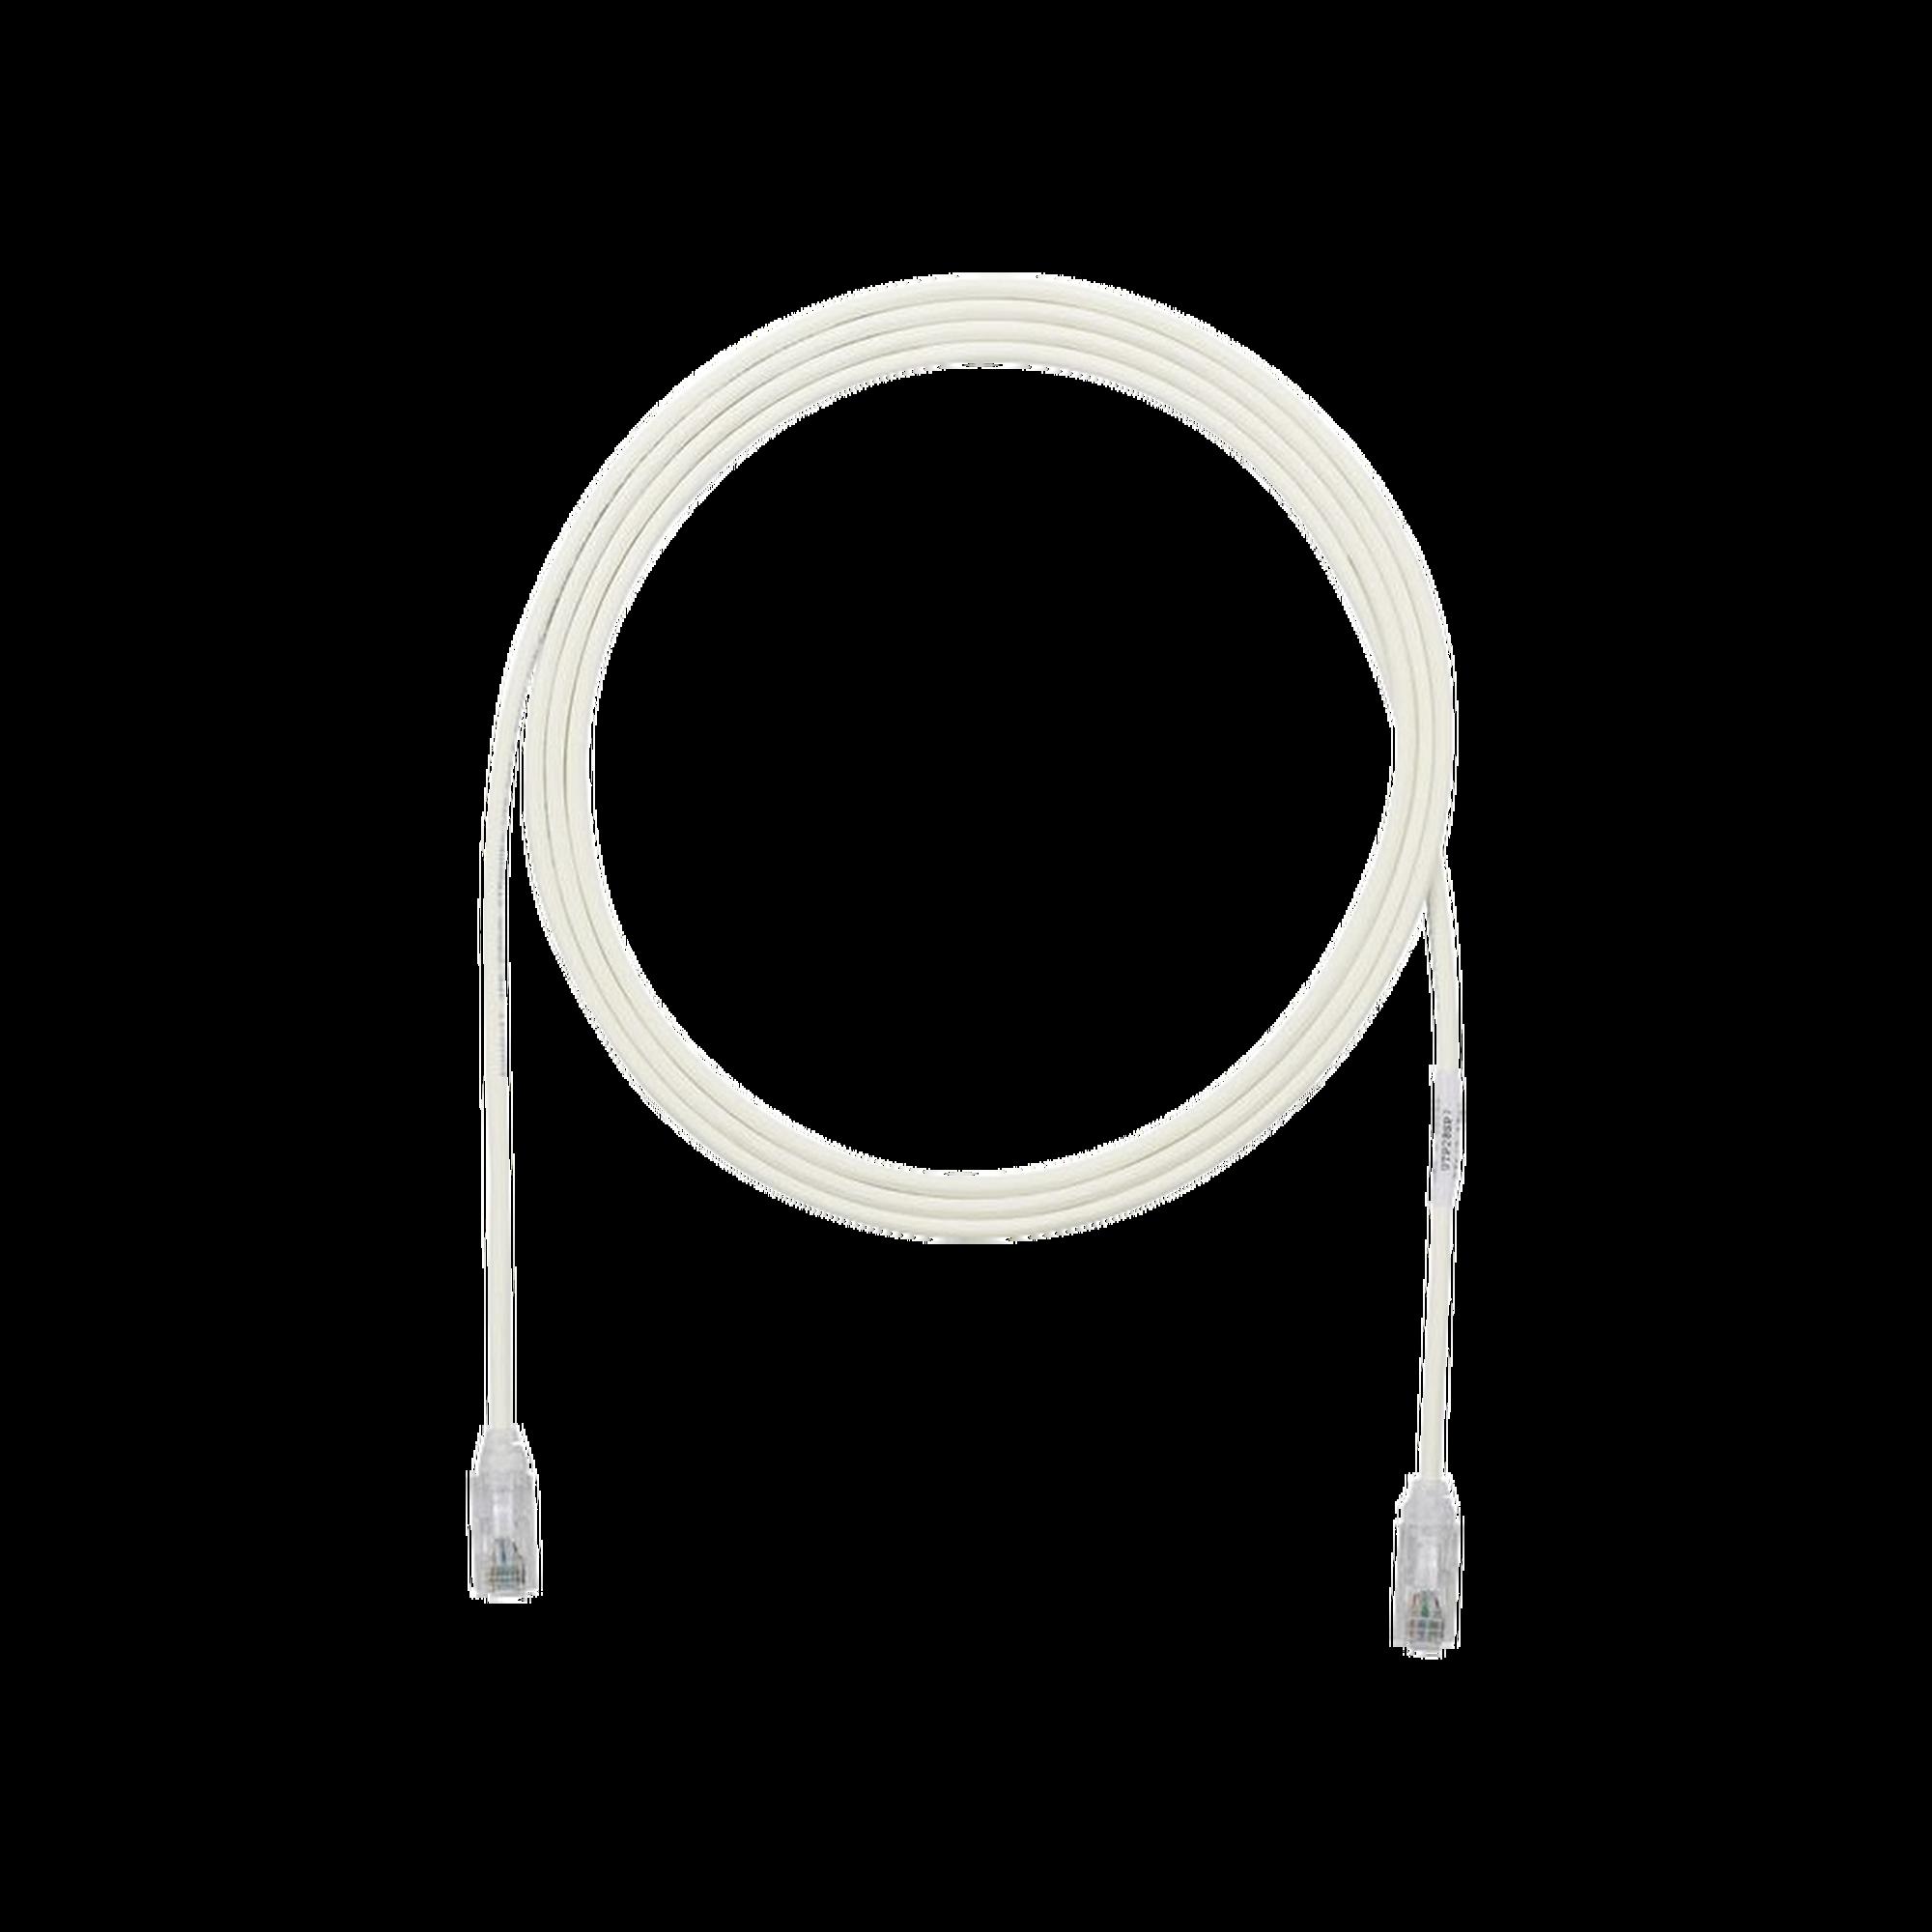 Cable de Parcheo TX6, UTP Cat6, Diámetro Reducido (28AWG), Color Blanco Mate, 1ft